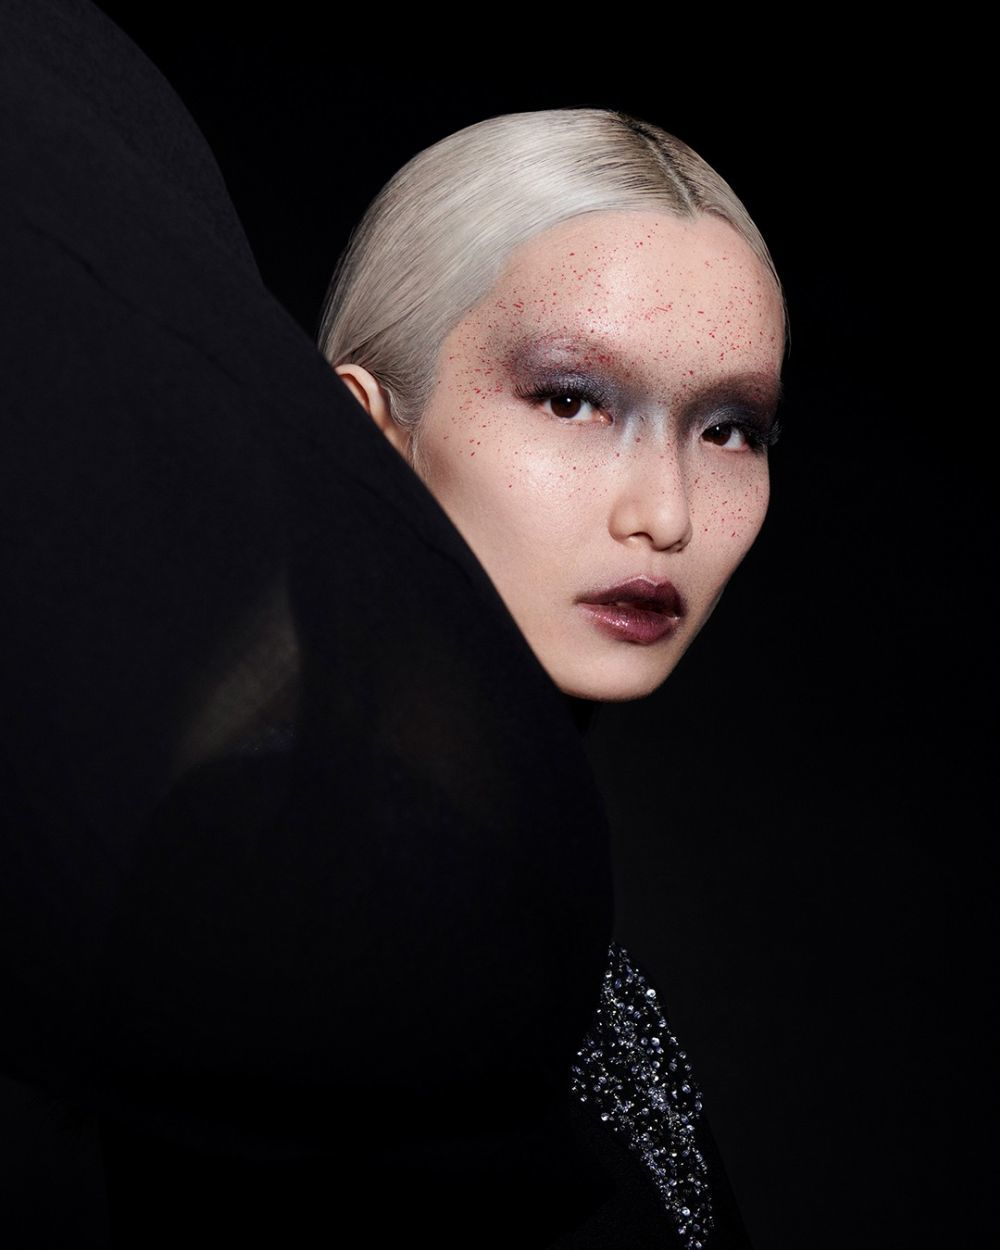 La clave del look propuesto por Givenchy es la simulación de sangre salpicando la cara.